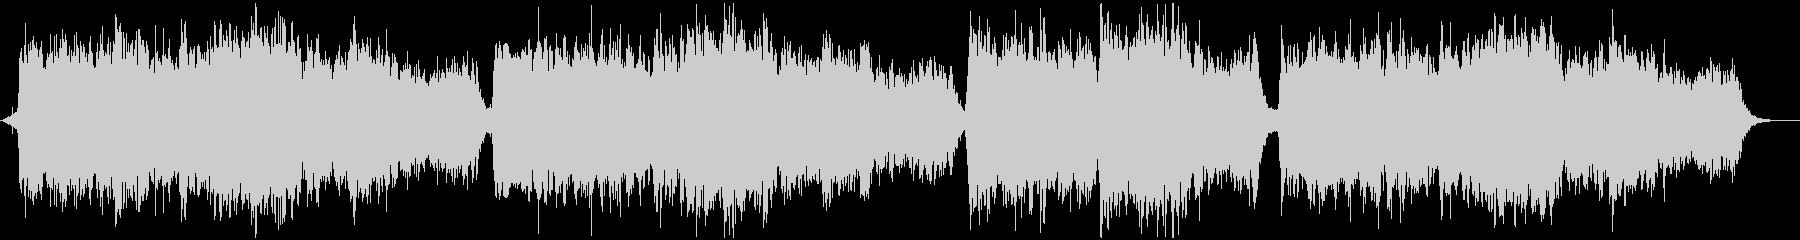 ヨガやマッサージ用リラクゼーションBGMの未再生の波形